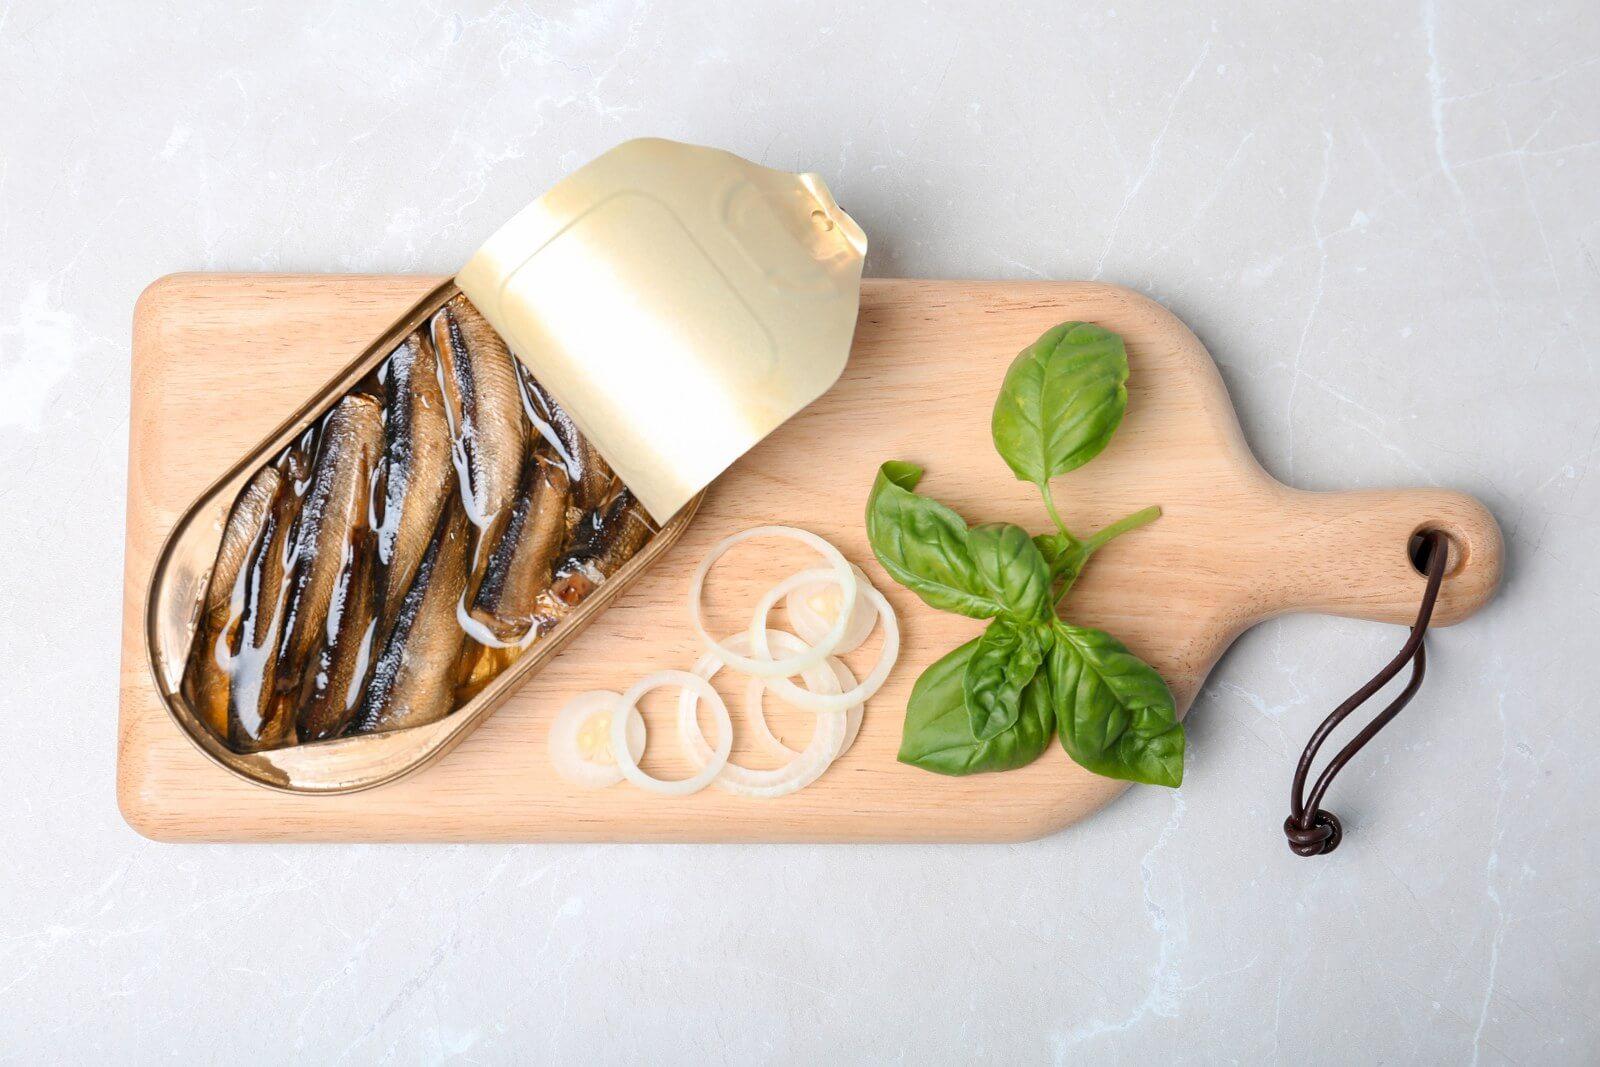 Zdrowe, lekkostrawne mięso, bez chemii? Jedz ryby w puszce!